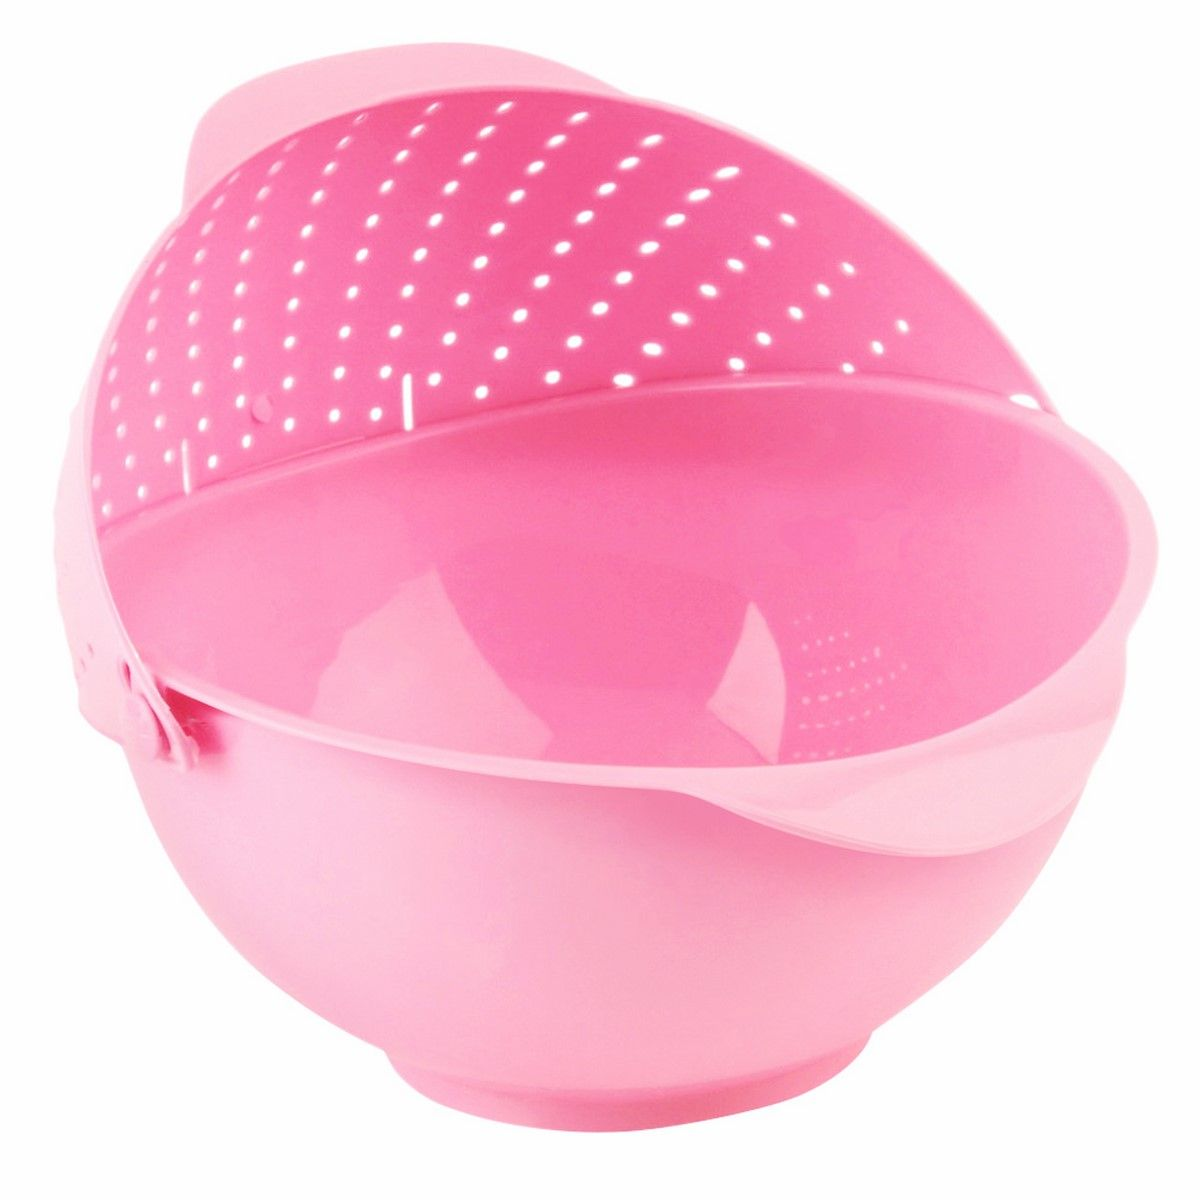 Дуршлаг-чаша Ruges Фильтрен, цвет: розовый, 27 х 25 х 11 смK-60Еще одно предложение из категории 2 в 1: вместительная пластиковая чаша с перекидным дуршлагом на ободе. Удобство в том, что пусть вы собрали фрукты в чашу – заливайте в ней же водой, мойте и сливайте воду, наклонив чашу в сторону дуршлага. То же самое с зеленью или замоченными крупами. И наше благодарим! тому, кто придумал: когда на кухне удобно и легко, то даже еда вкуснее получается! Размеры: 27 х 25 х 11 см.Объем: 2700 мл.Вес: 175 г.Материал: пластик. Комплектация: чаша дуршлаг 1 шт.